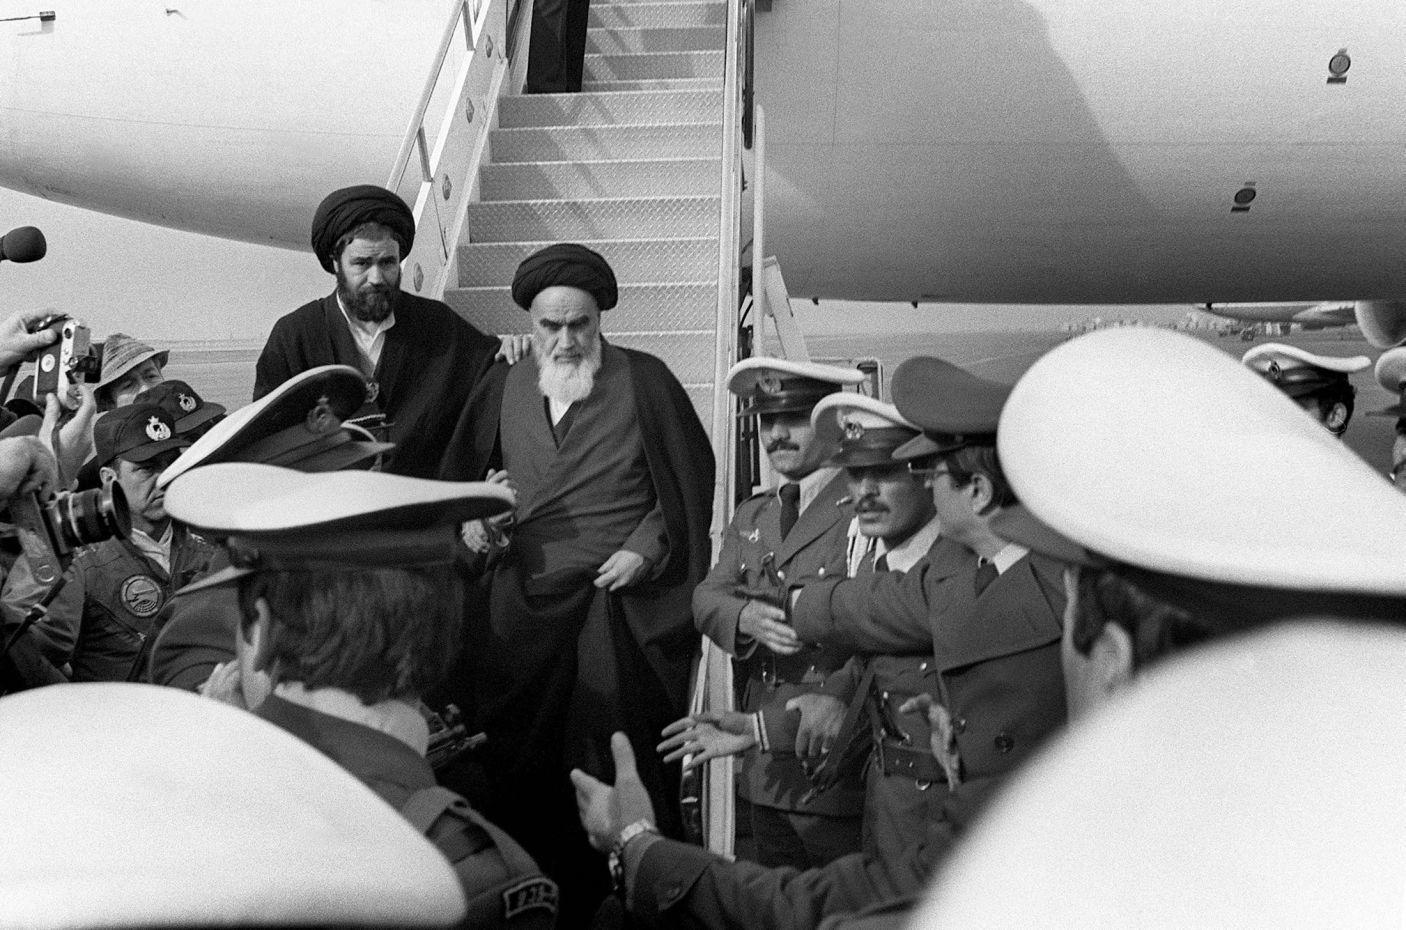 Israel,Iran,quan hệ ngoại giao,chiến tranh Trung Đông